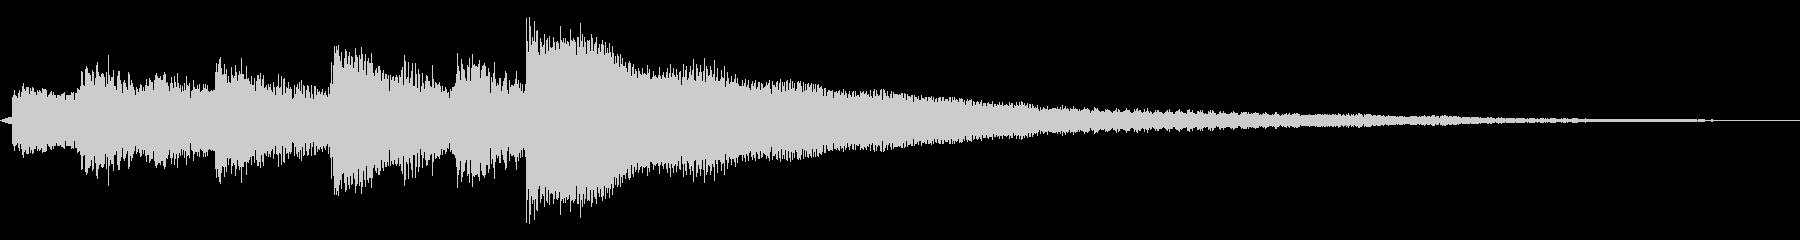 ギター ジングル ロゴの未再生の波形